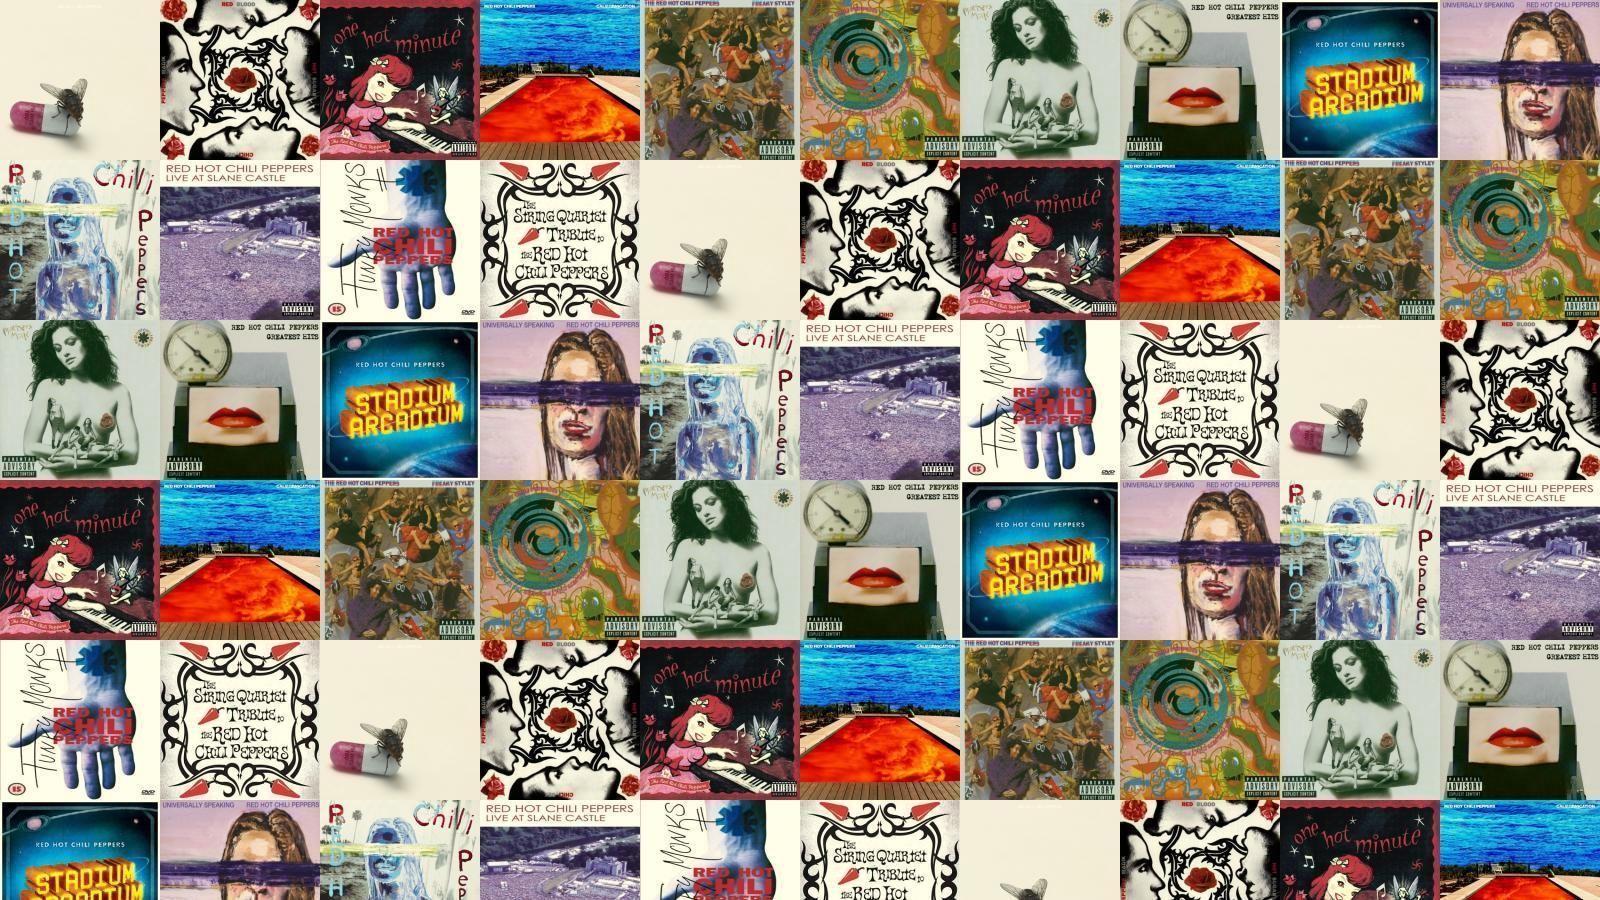 ¿Cúal es el álbum más vendido de Red Hot Chili Peppers?